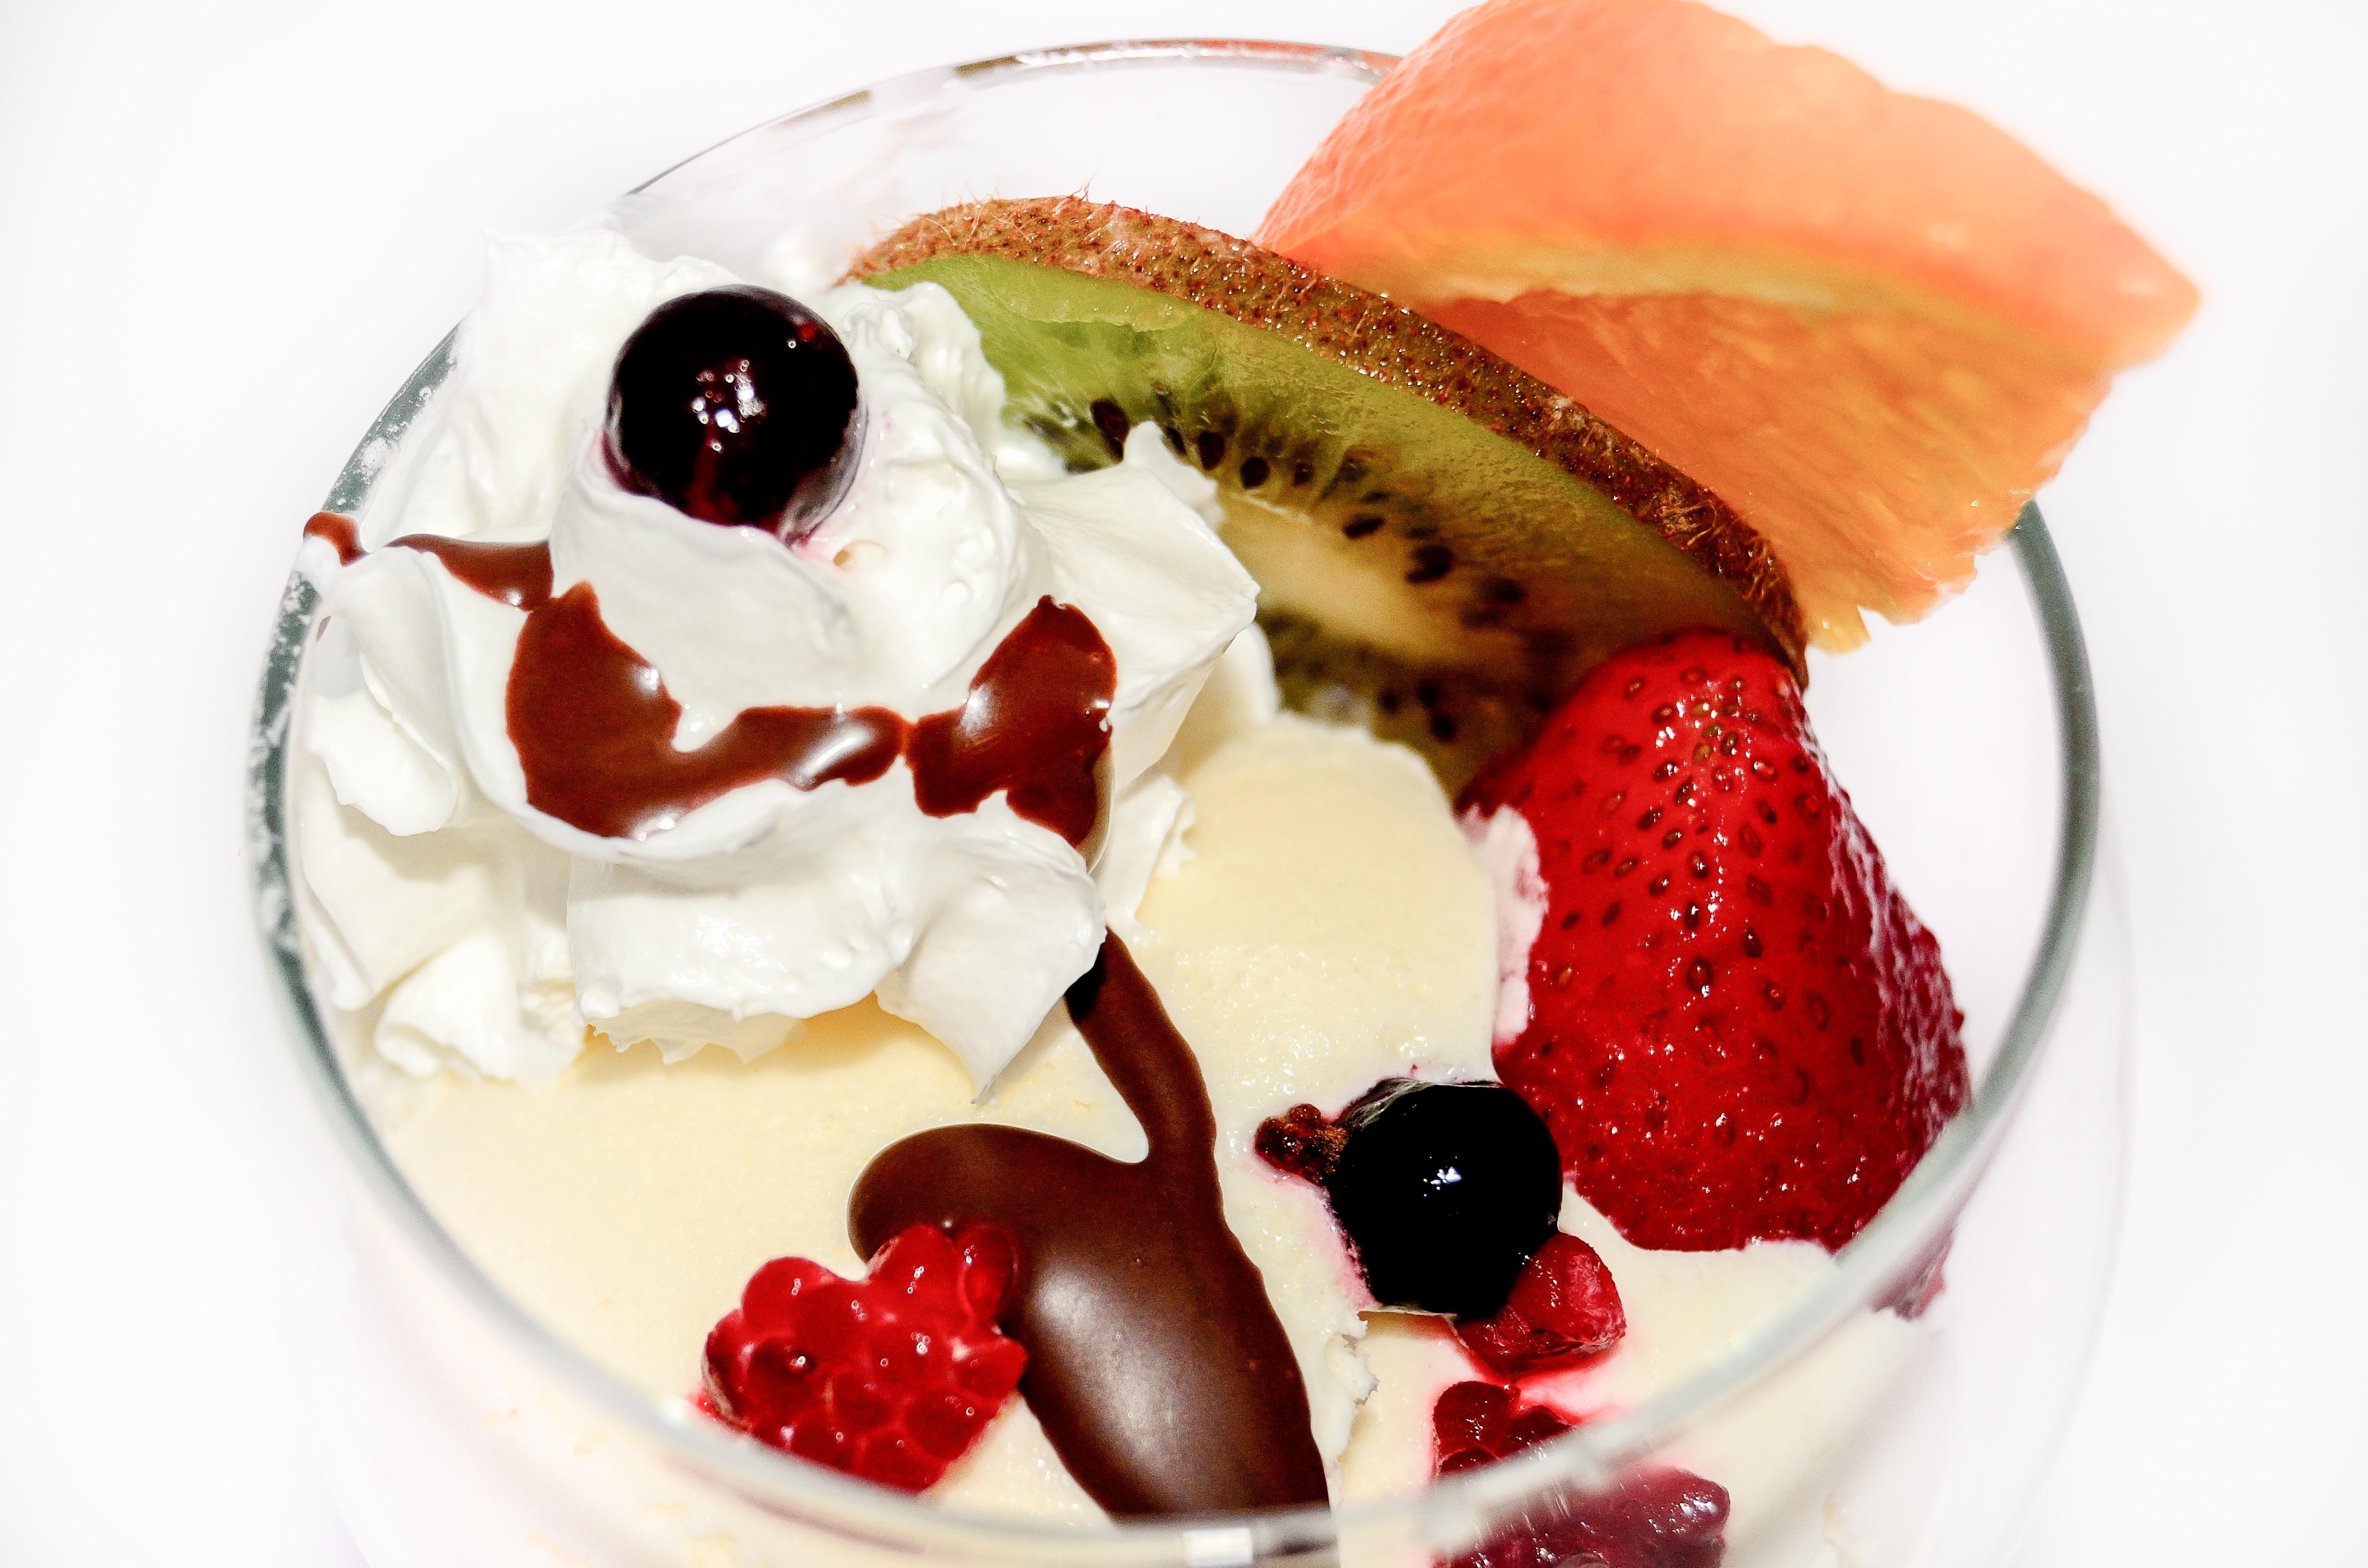 фото мороженое с фруктами на блюде прихожую заносится грязь